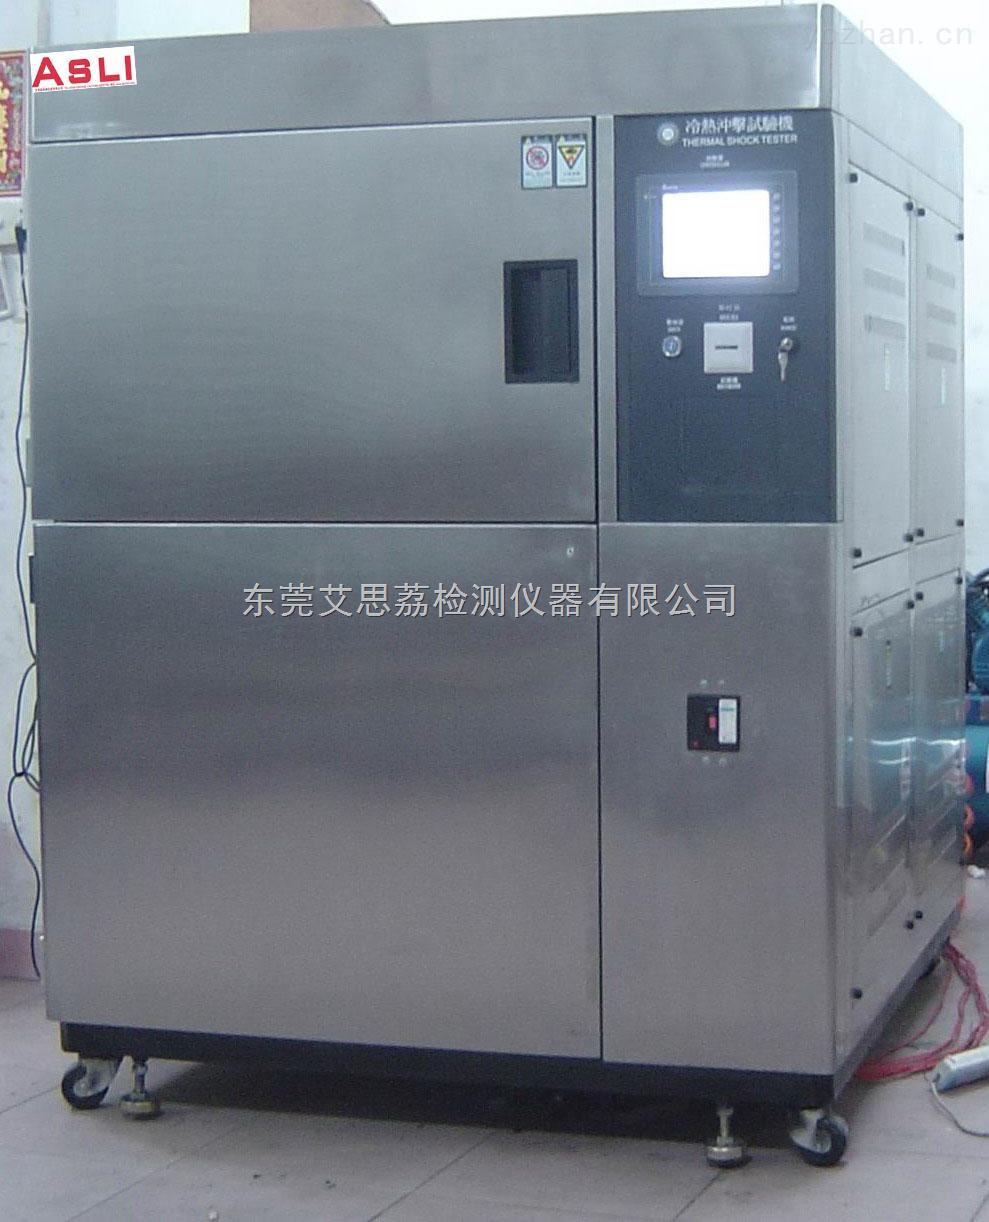 大型冷热冲击试验机 供应商 保养需注意的事项